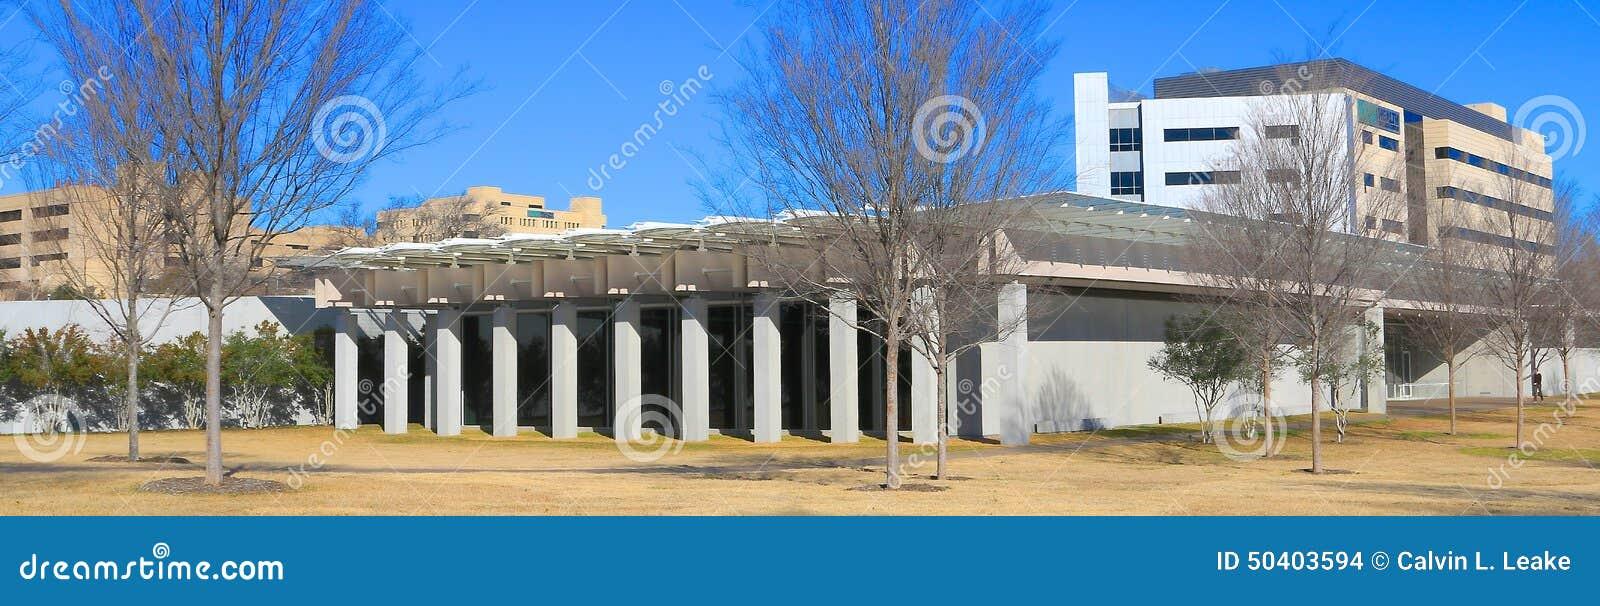 Музей изобразительных искусств Fort Worth Kimball, Техас